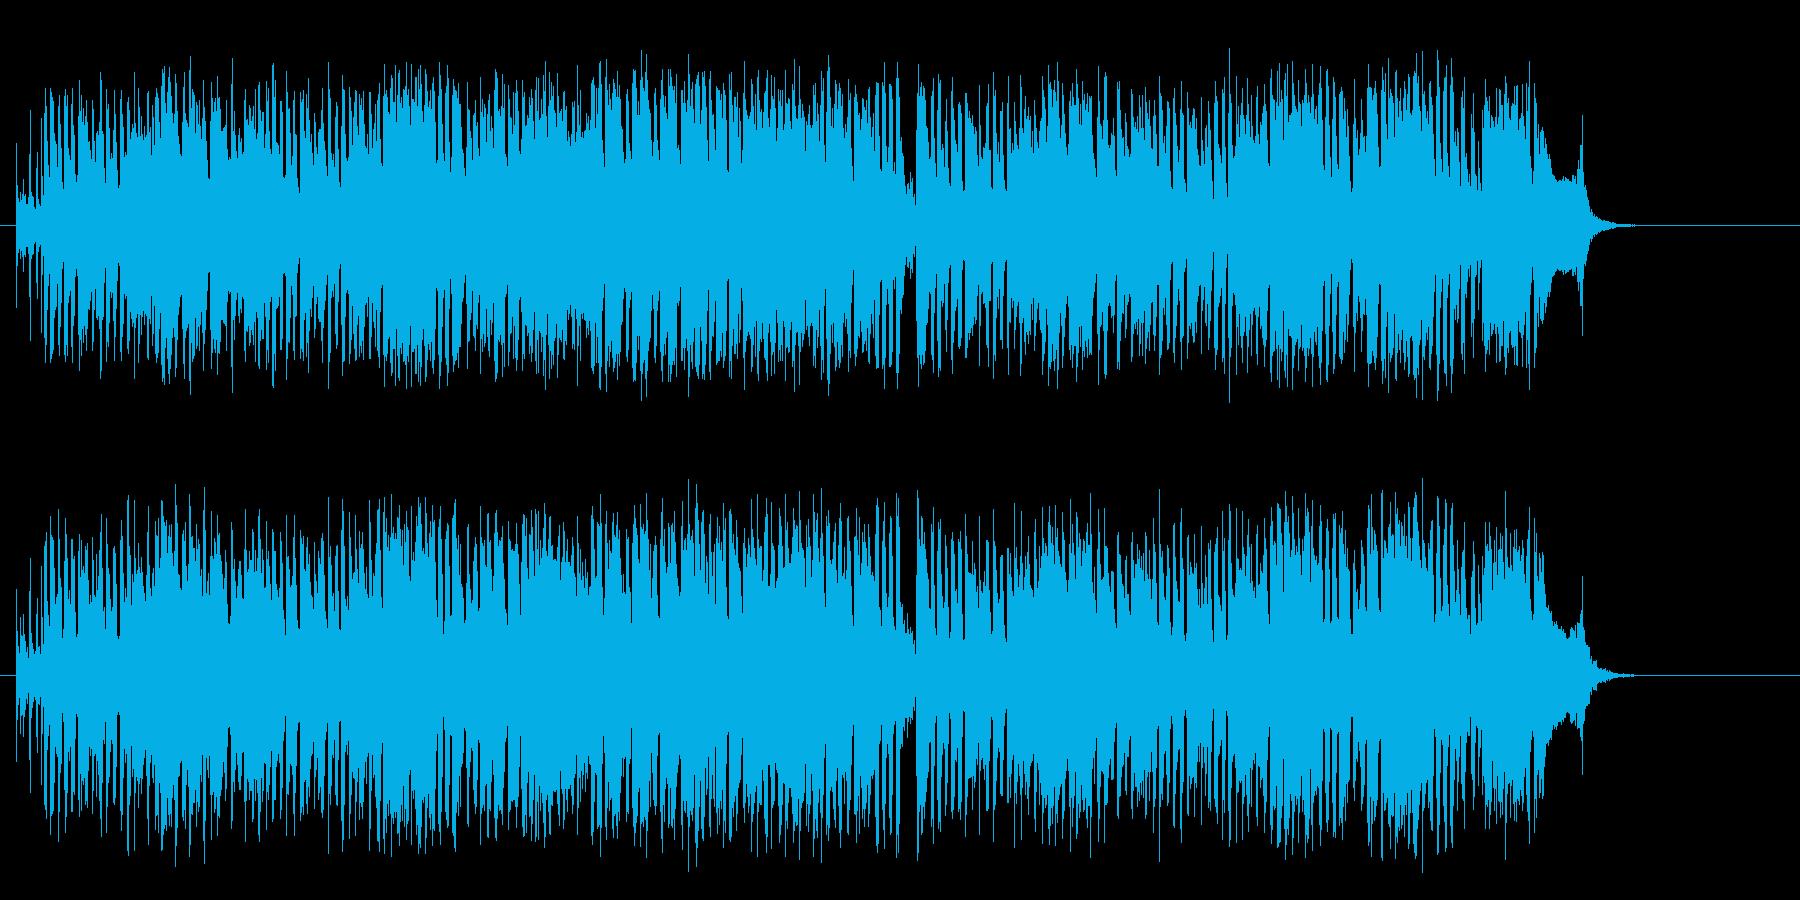 軽い陽気なデキシー・ランド風のポップスの再生済みの波形